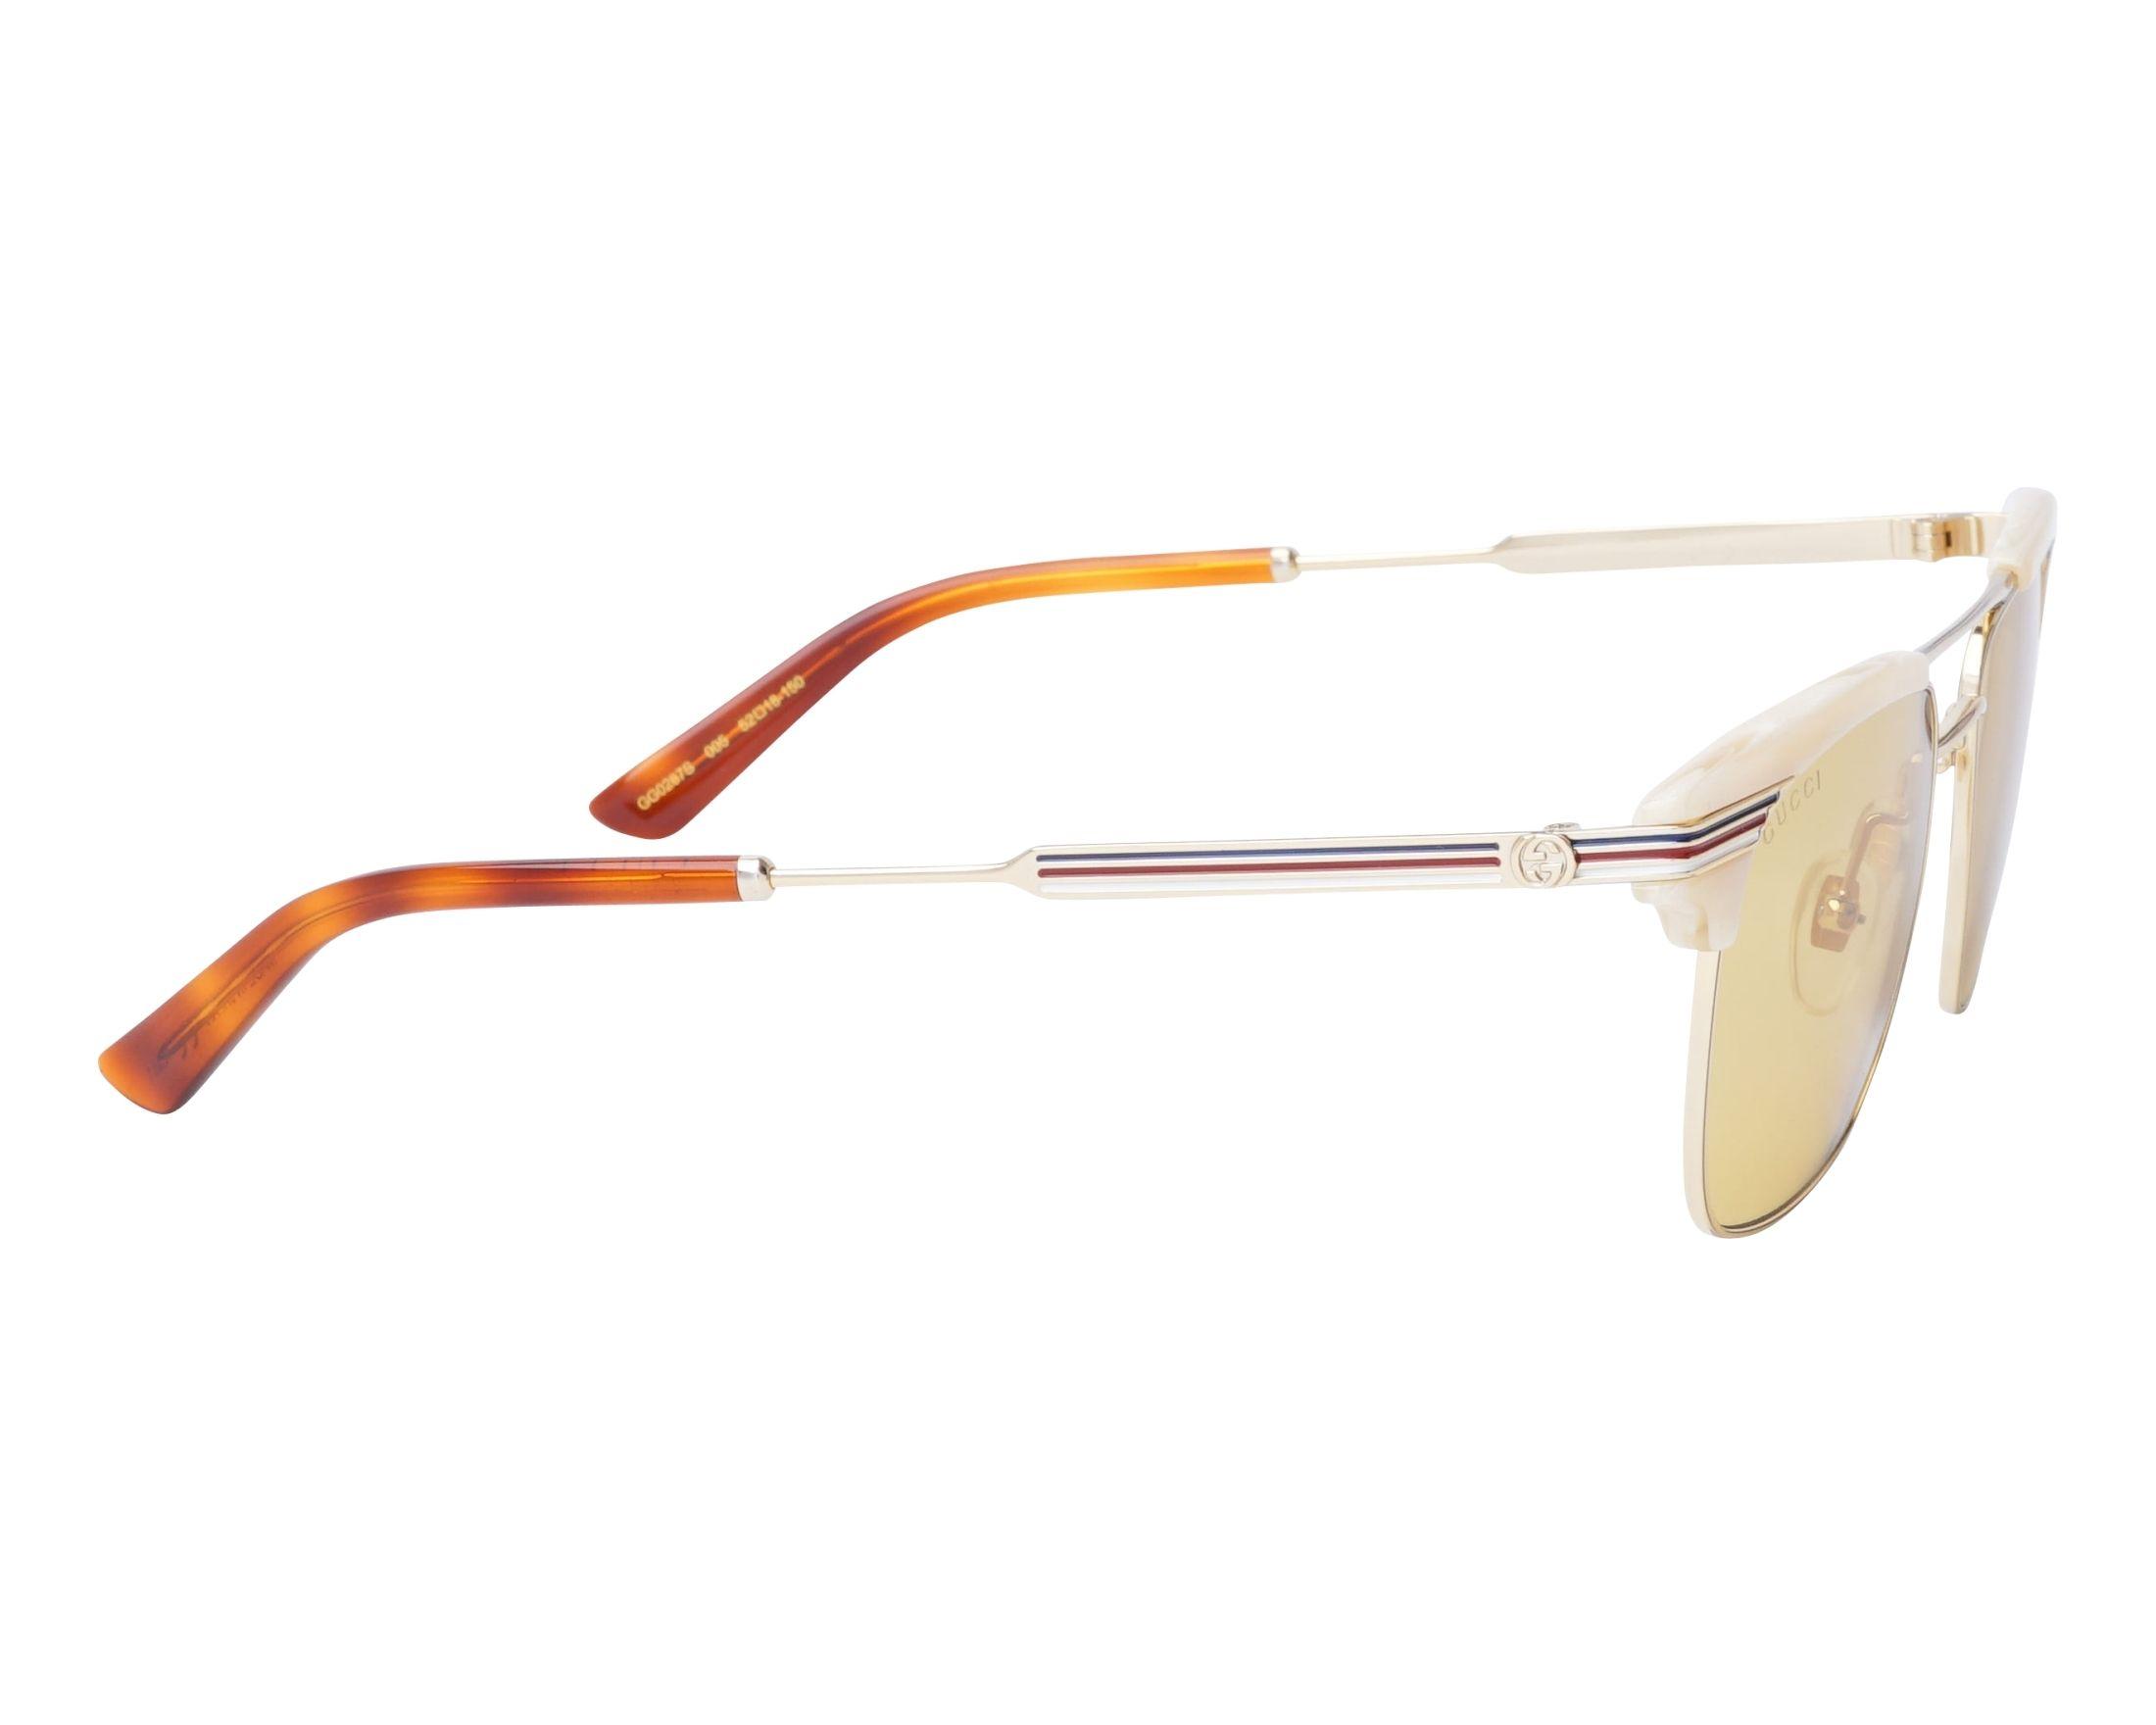 a3e5a543396 Sunglasses Gucci GG-0287-S 005 52-18 Gold Beige side view